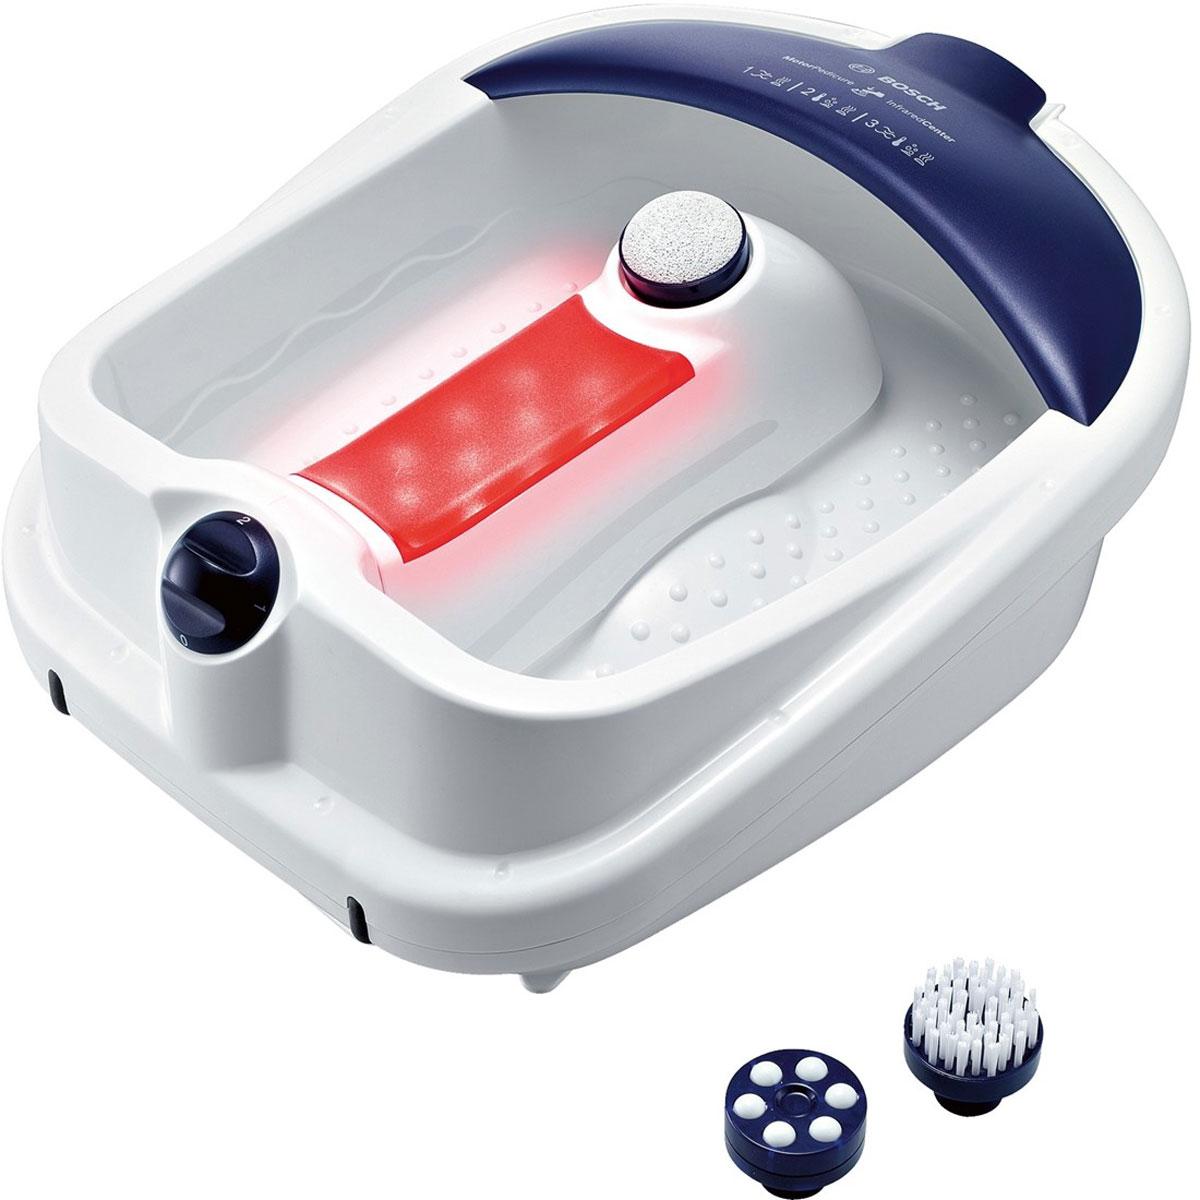 Bosch PMF3000 гидромассажная ванночка для ногPMF3000Массажная ванночка Bosch PMF3000 предназначена для бережного ухода за ногами в домашних условиях. Она позволит вам устроить настоящий праздник для ваших ножек, ведь в комплект устройства входят различные насадки, такие как щетка, пемза и массажные ролики, которые позволят вам сделать салонный педикюр. Функции вибромассажа, пузырькового массажа и поддержания тепла позволят расслабиться после тяжелого дня. Большая массажная поверхность ванночки подойдет даже для 45 размера ноги!Инфракрасная зонаУдобный слив водыЗащита от брызгНамотка шнура для более удобного храненияПоворотный переключатель